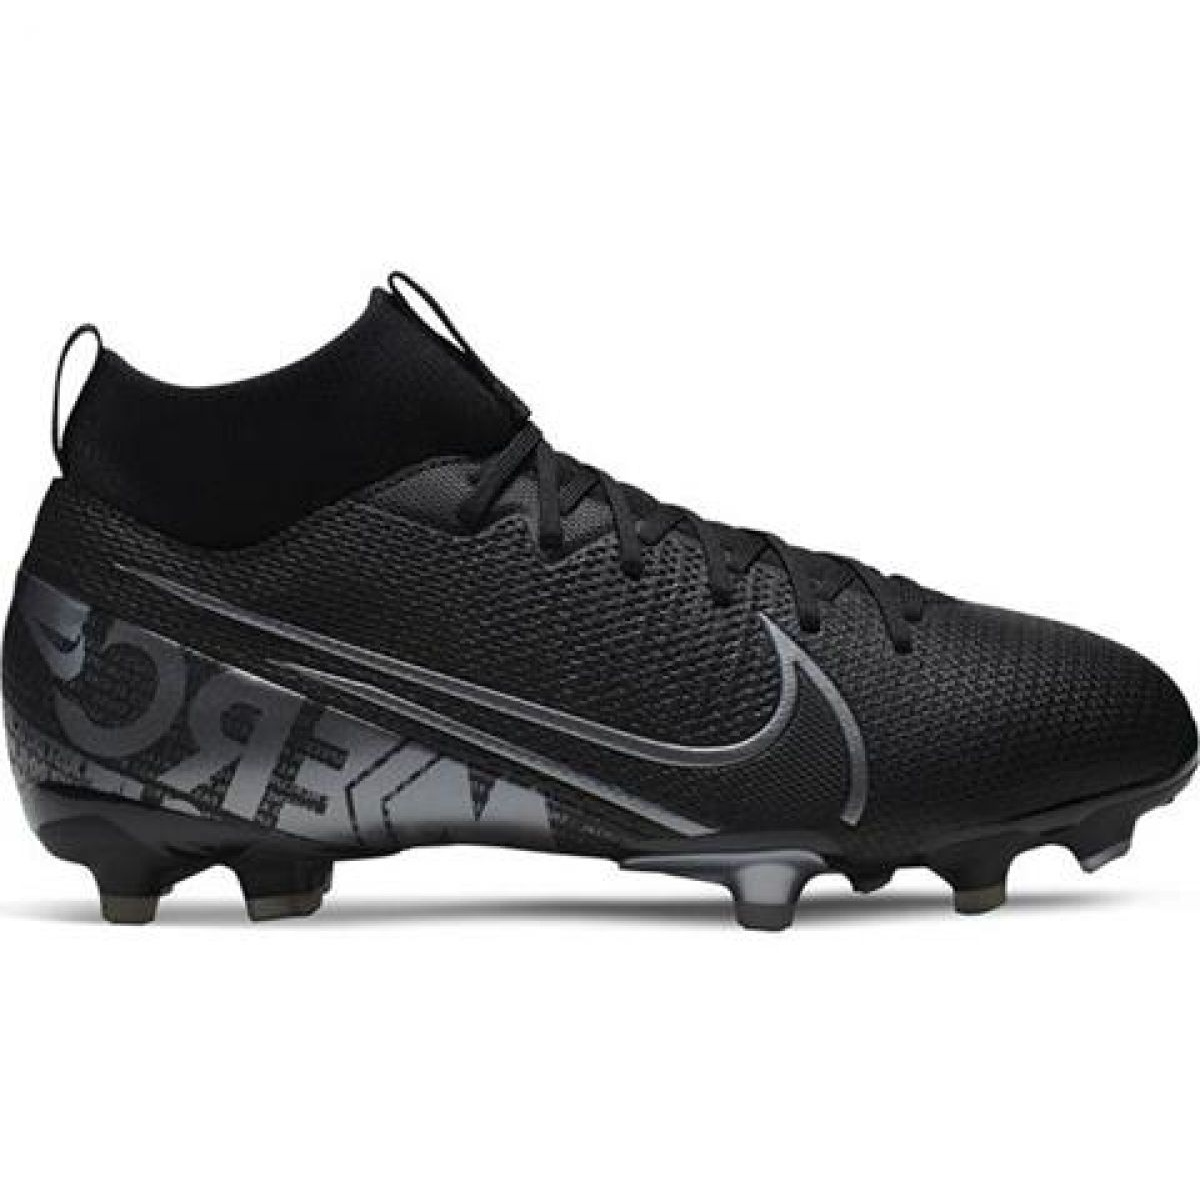 Chuteiras de futebol Nike Mercurial Superfly 7 Academy FG MG Jr AT8120 001 preto preto